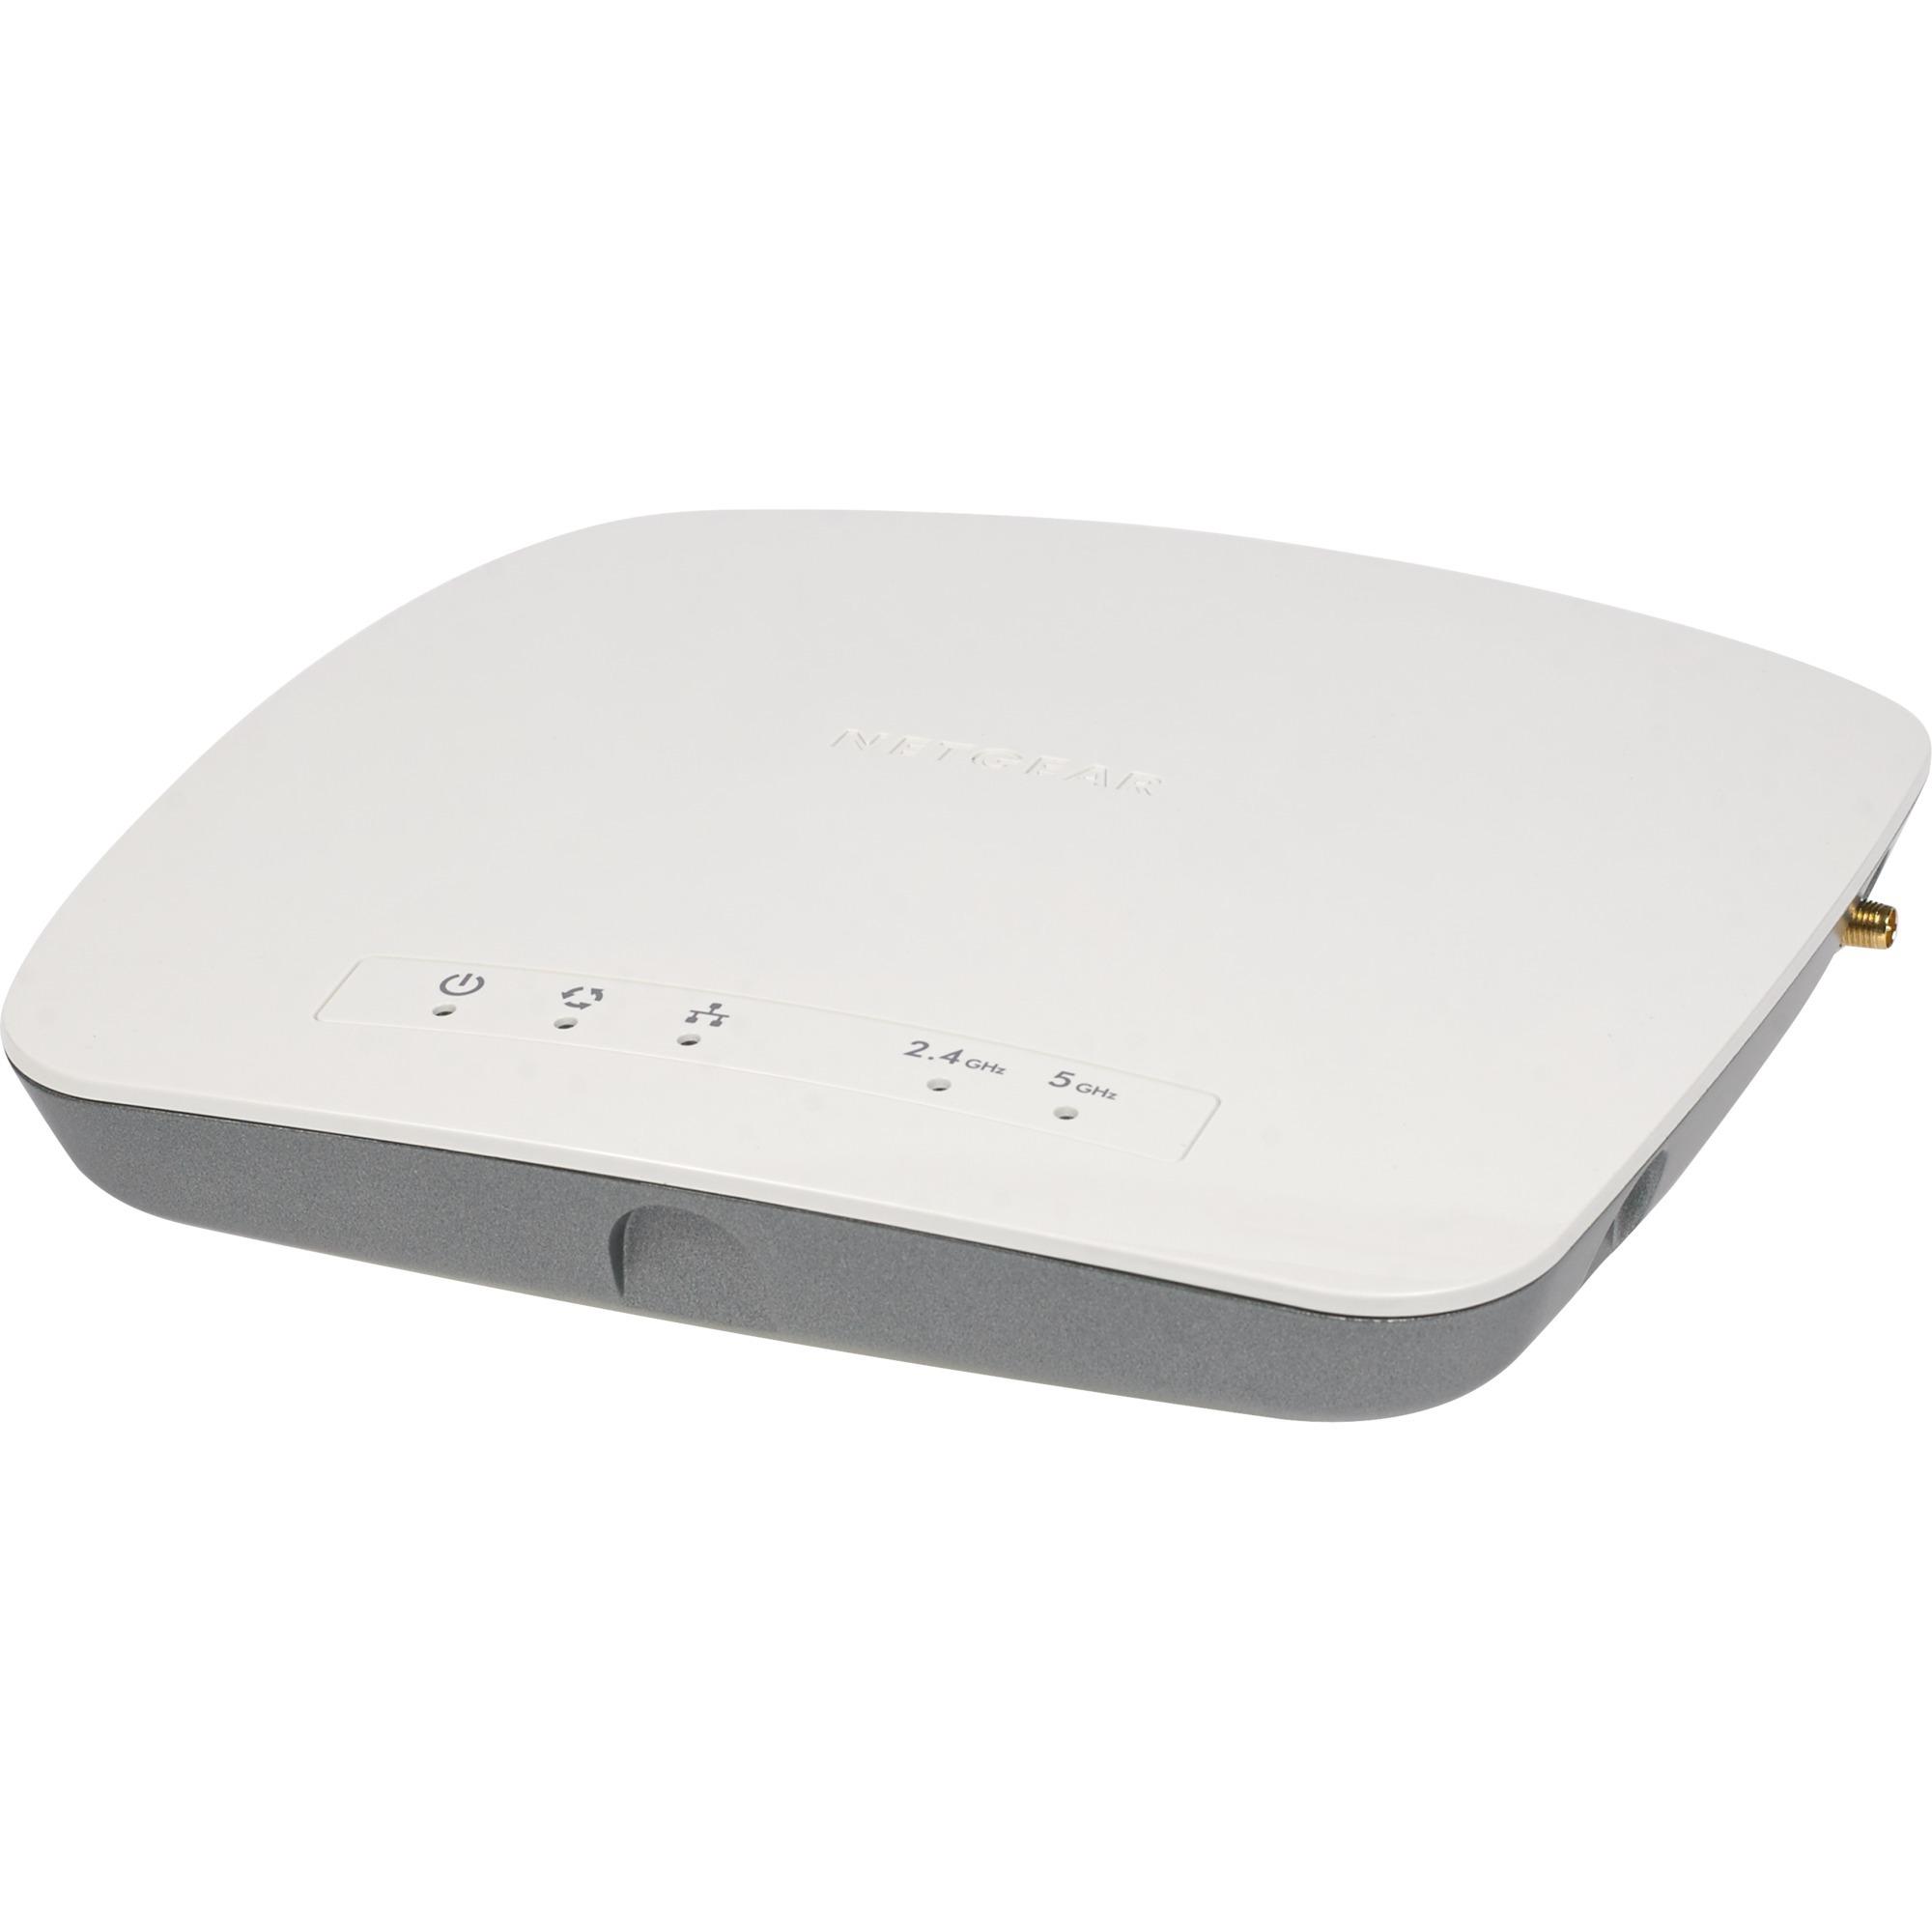 WAC720 punto de acceso WLAN 867 Mbit/s Energía sobre Ethernet (PoE) Blanco